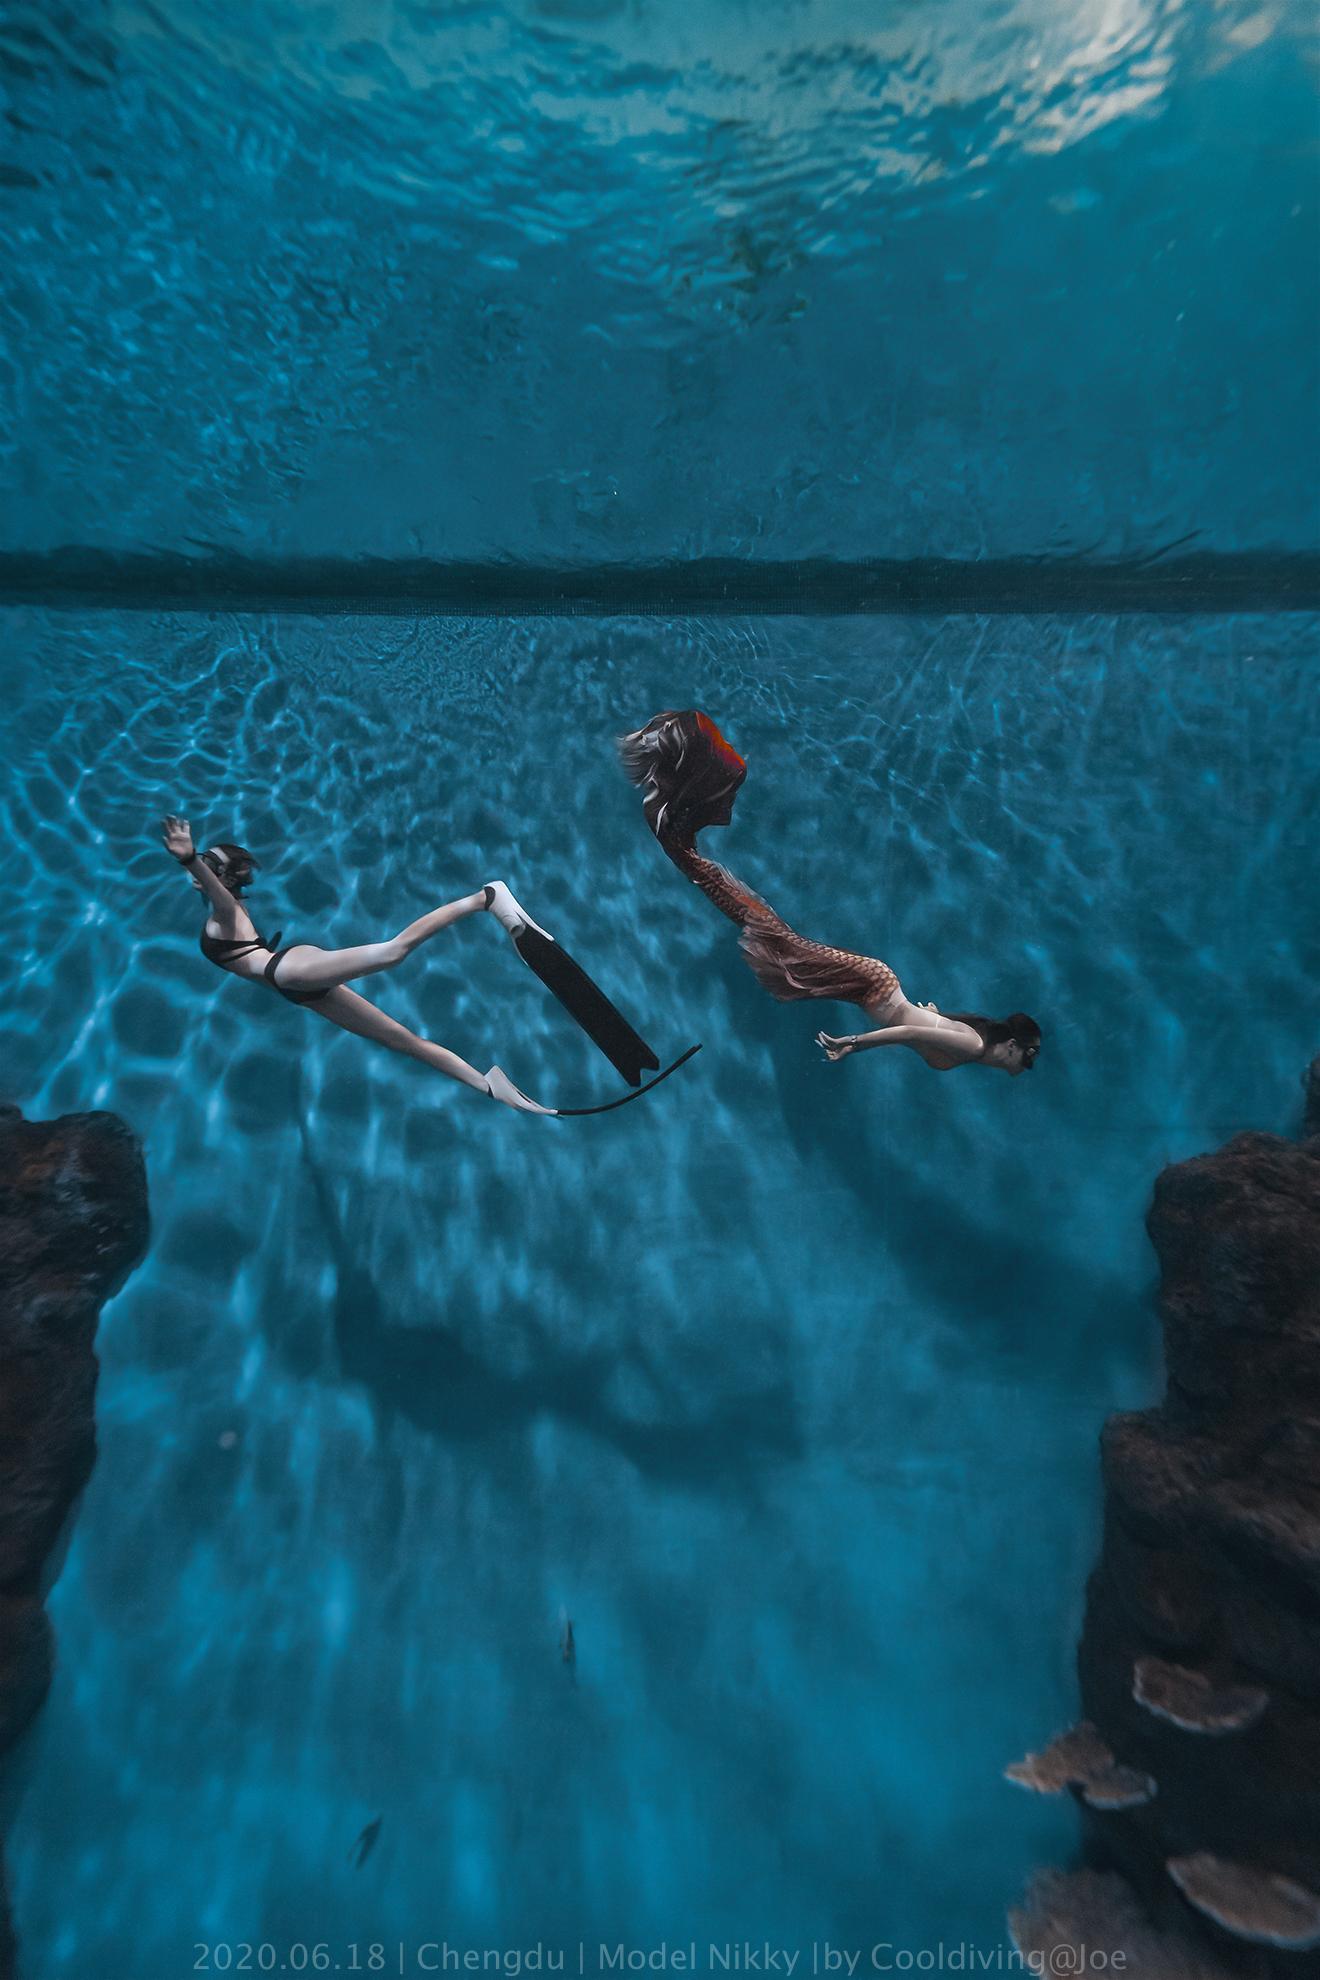 水族馆自由潜水